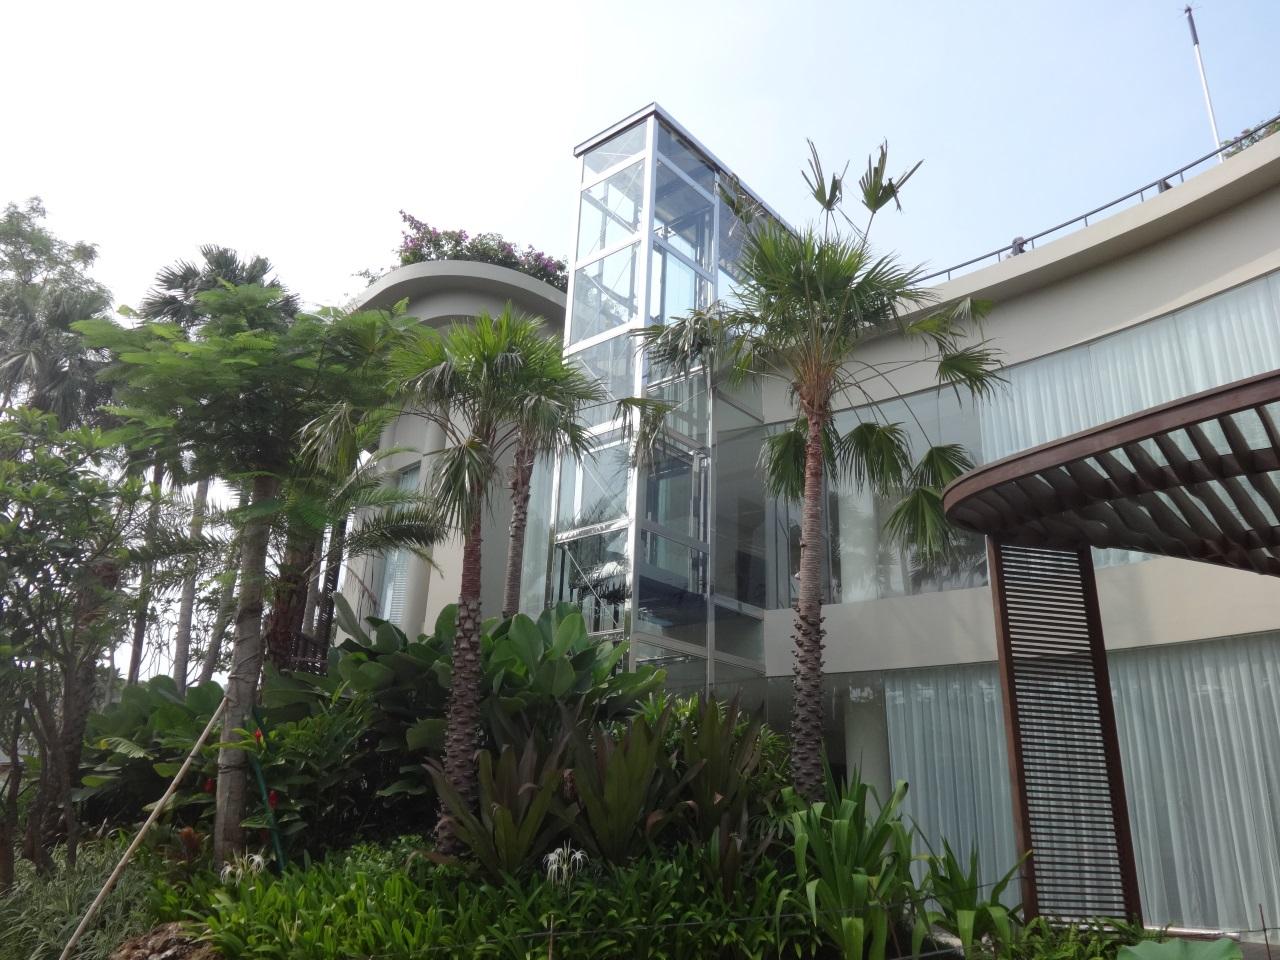 Homelift Lotte als Aufzug an der Gebäudefassade im Stahl-Glas-Schacht